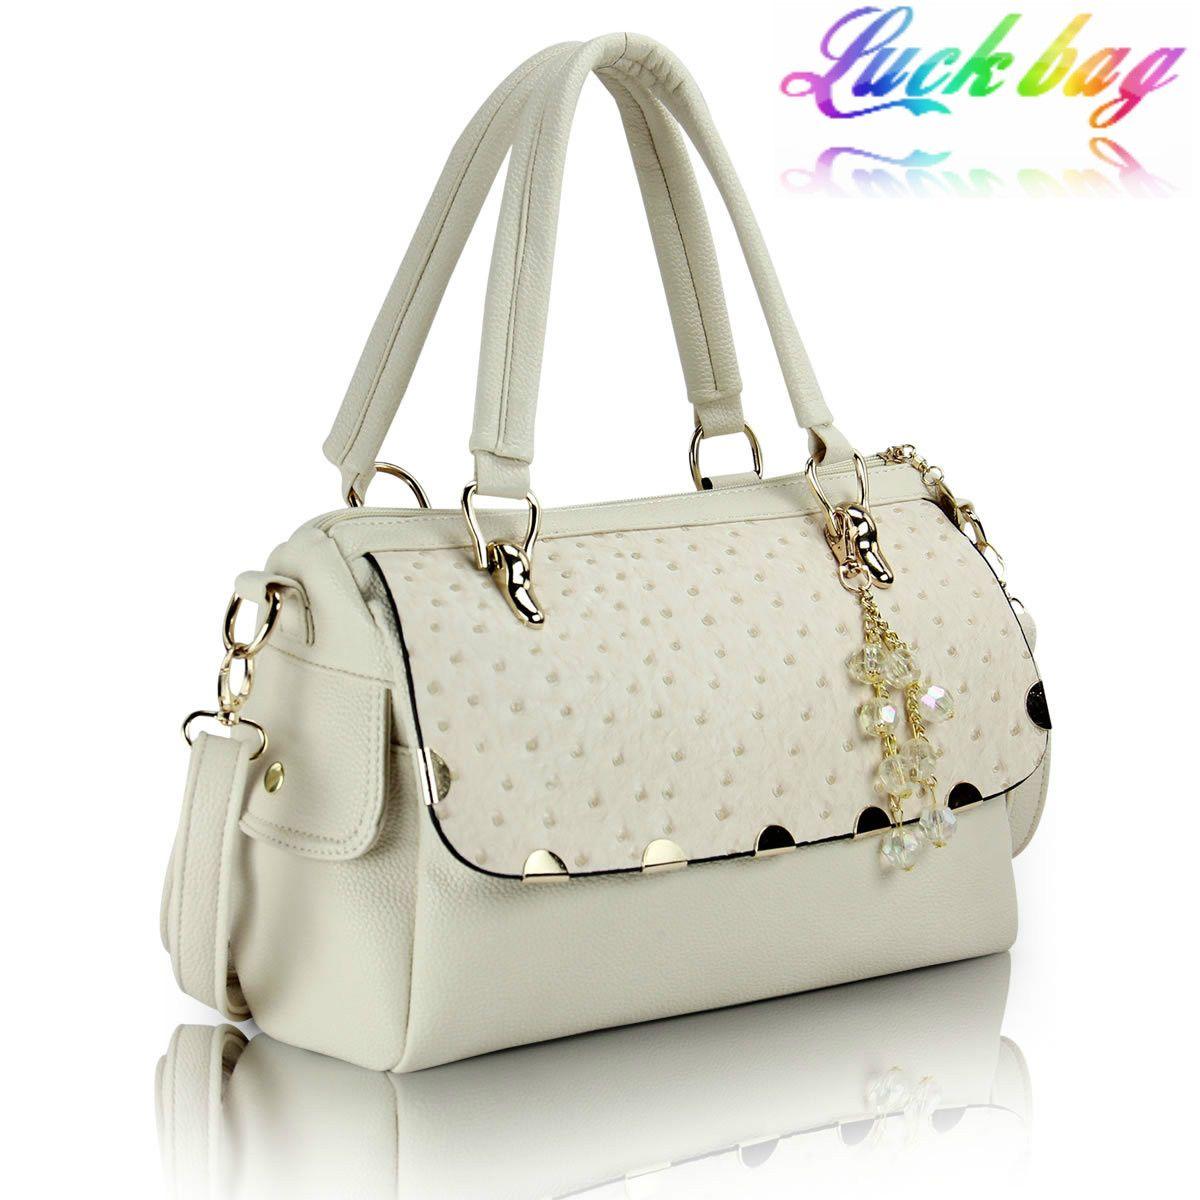 Model Women Handbags  Looking For Women Handbags Tips